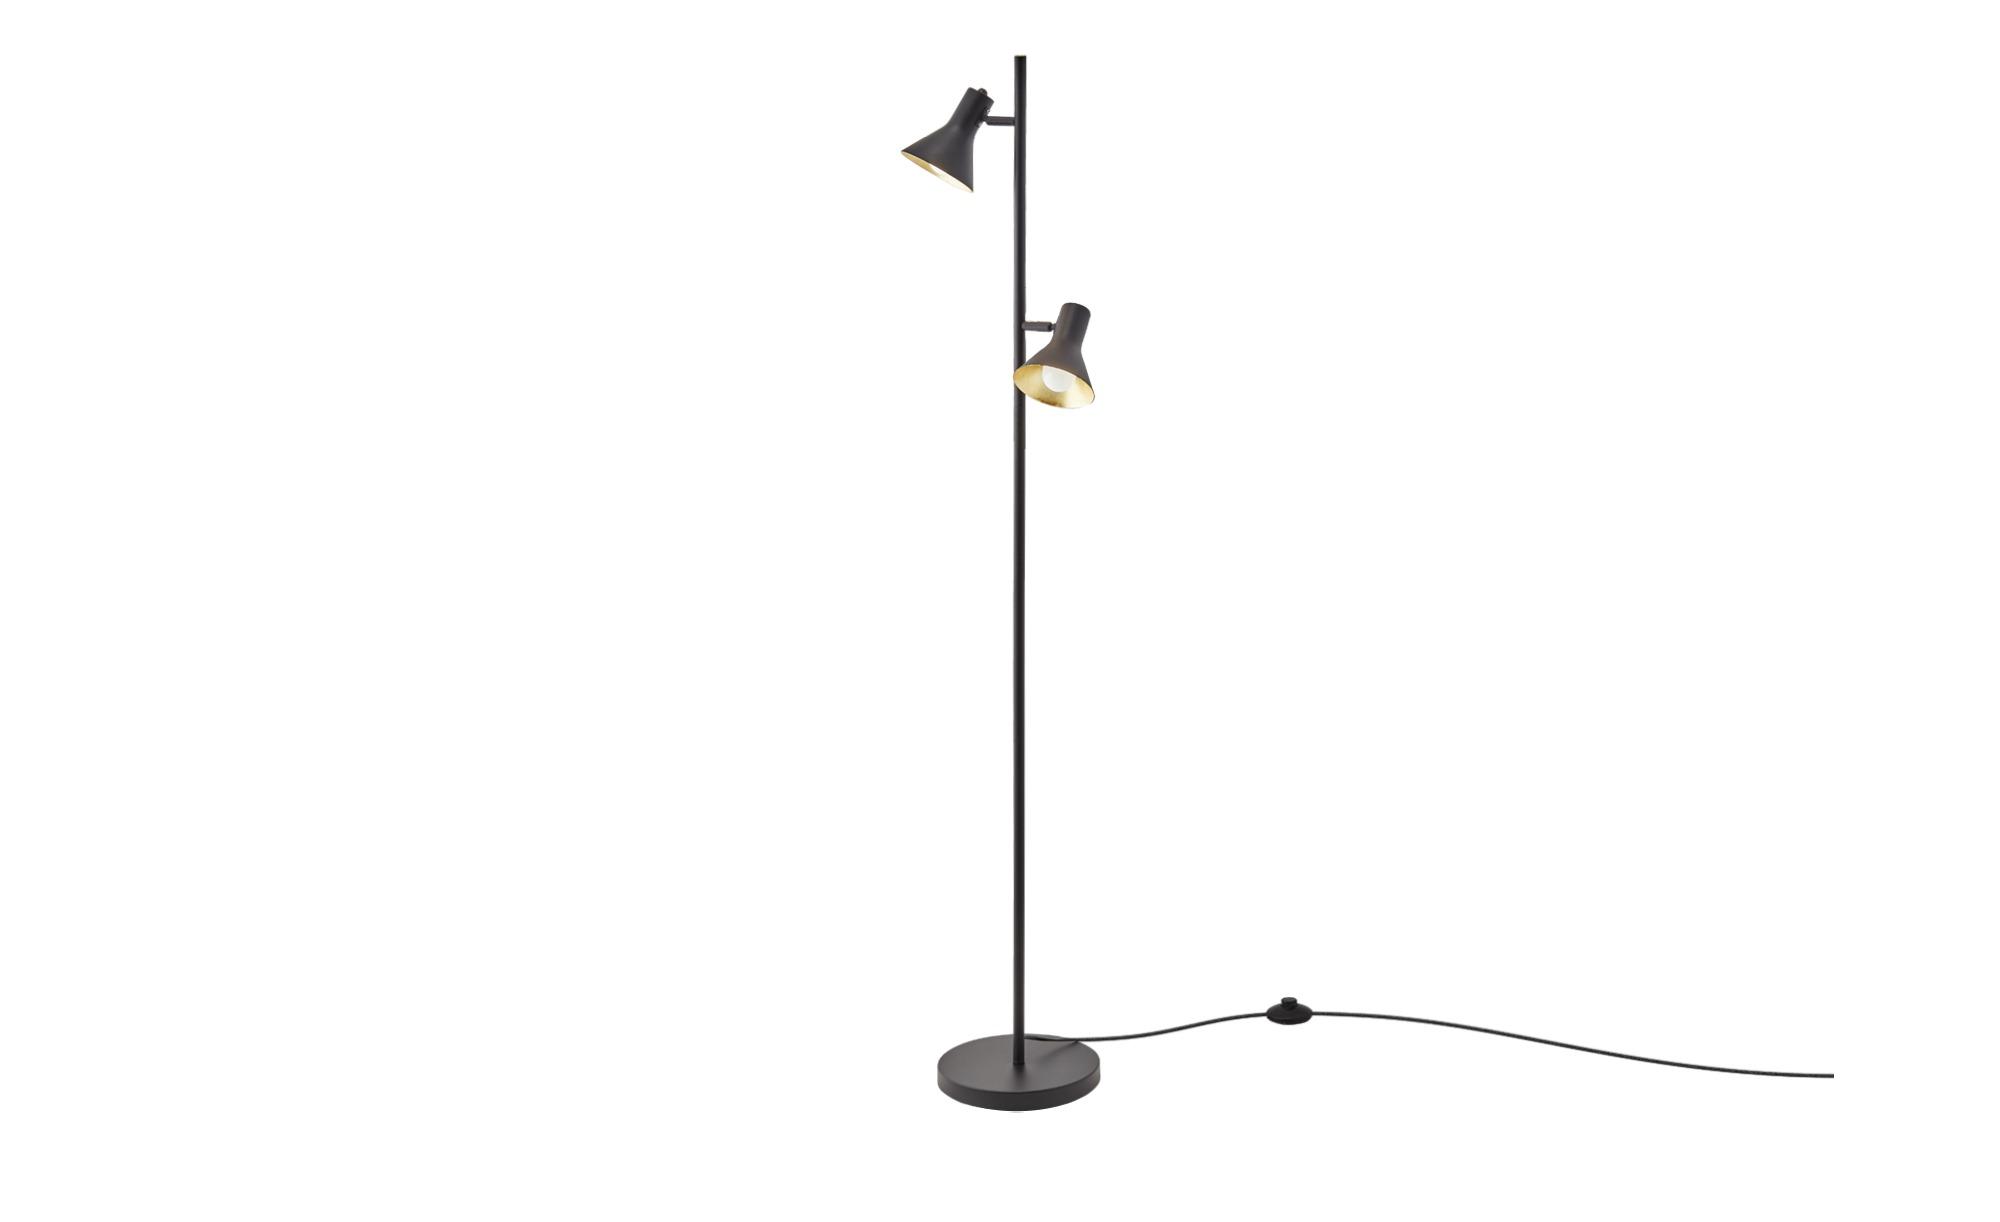 Trio Stehleuchte, 2-flammig, schwarz/goldfarb. ¦ schwarz ¦ Maße (cm): H: 144 Ø: [23.0] Lampen & Leuchten > Innenleuchten > Stehlampen - Höffner